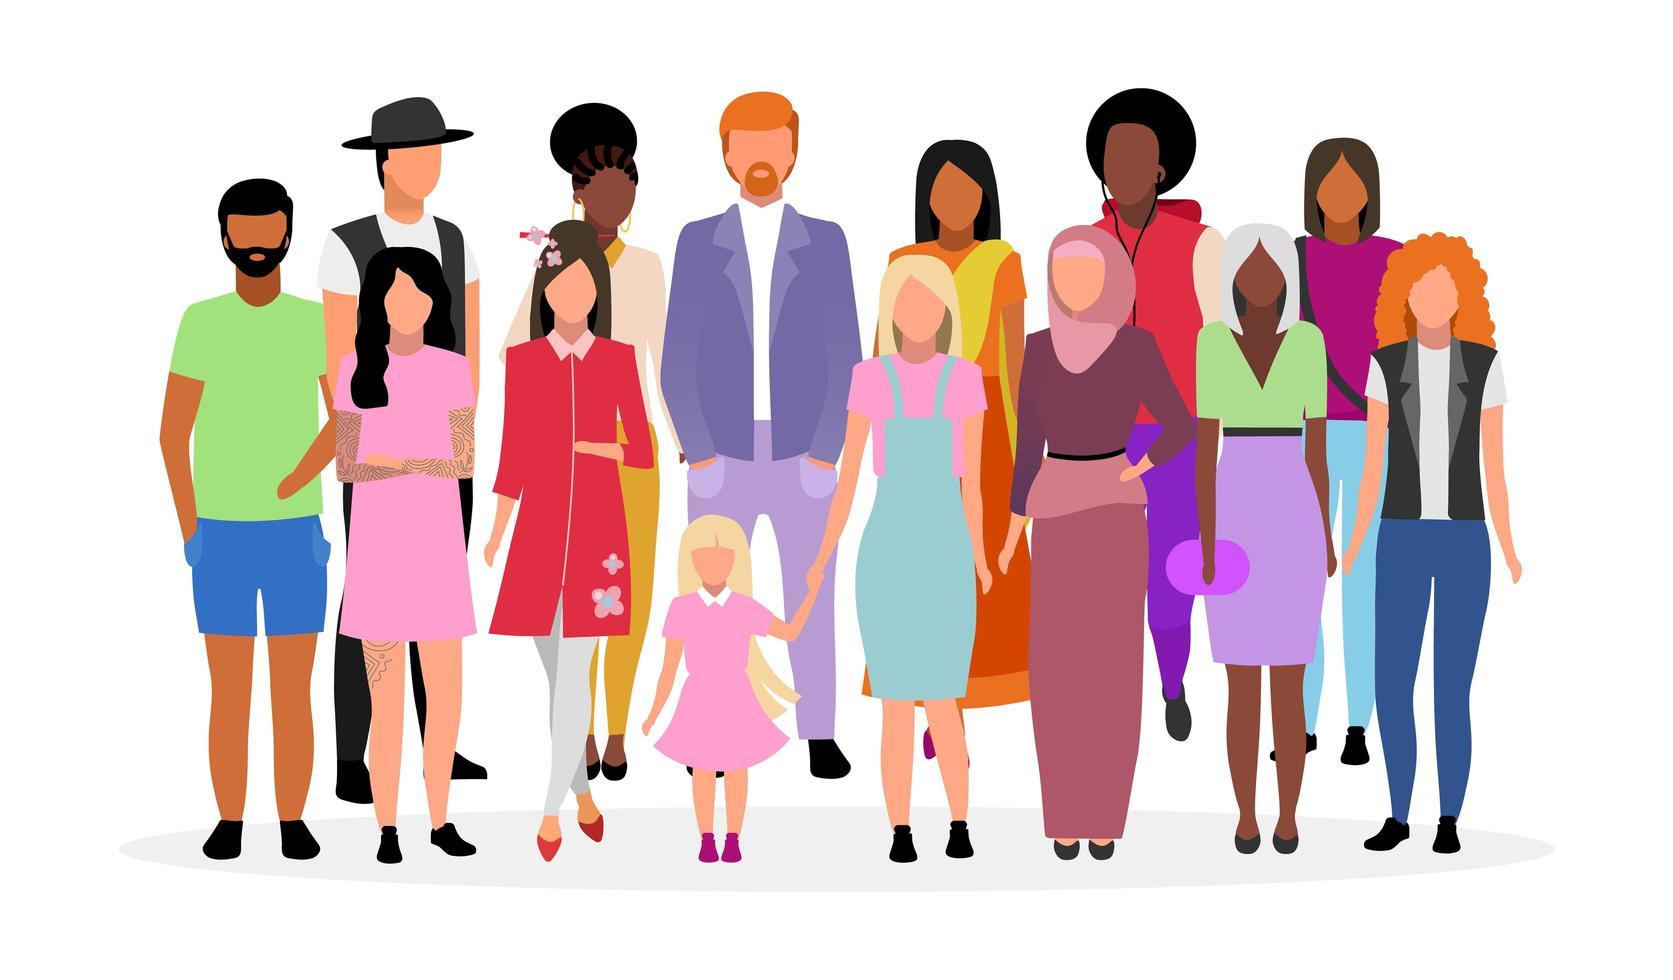 mångkulturella människor grupp platt vektorillustration. vektor